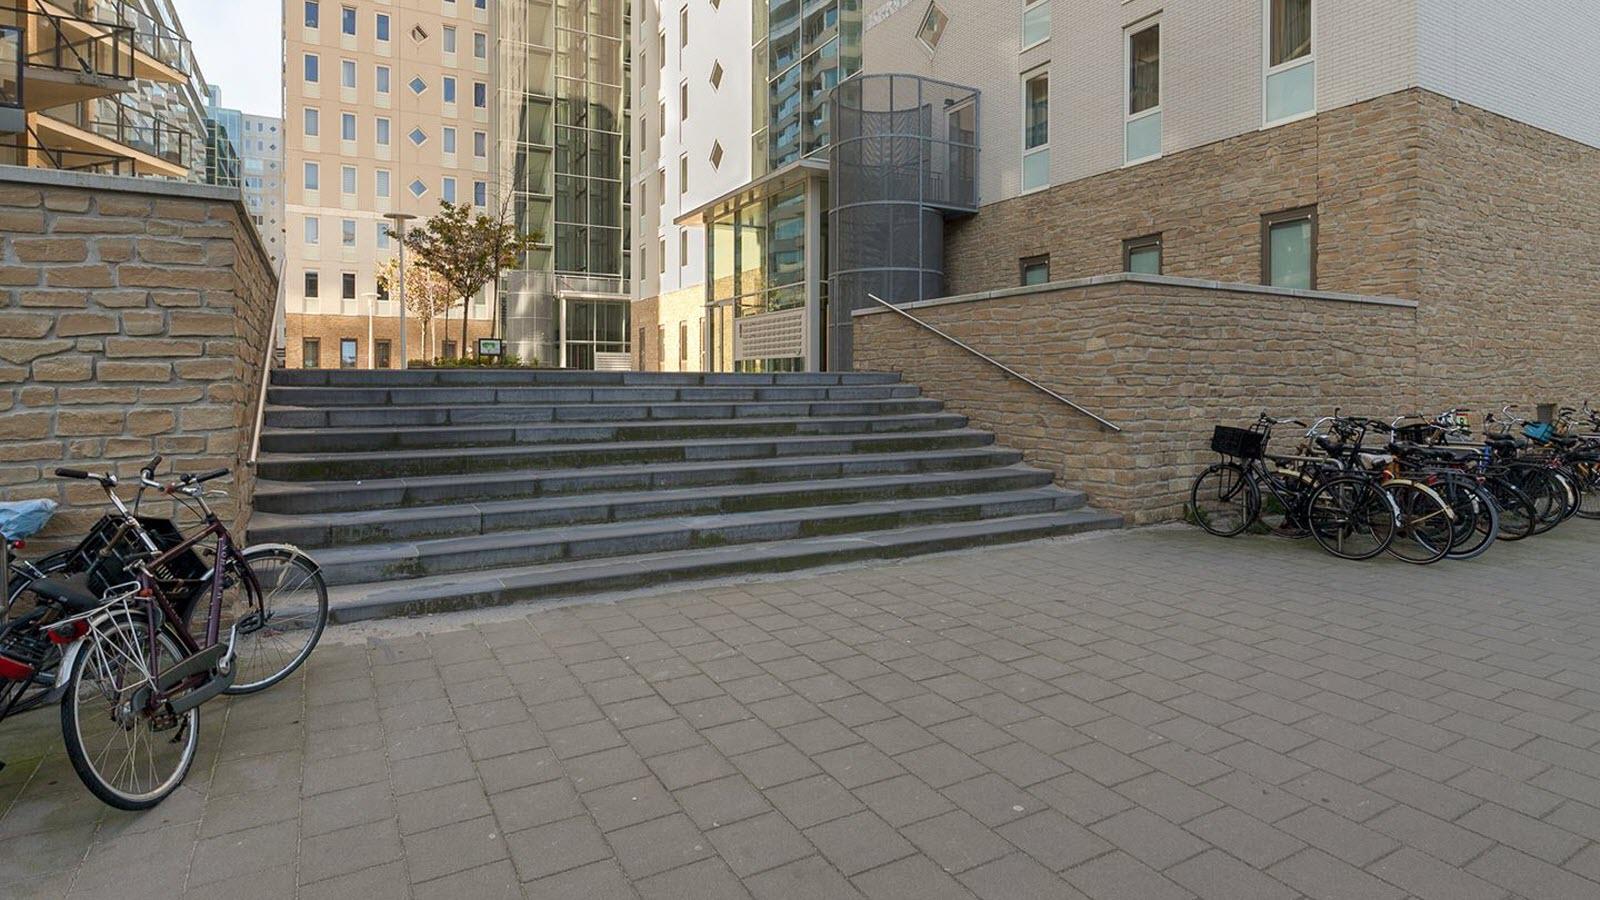 Oranjekwartier fase 3 Amsterdam (11)